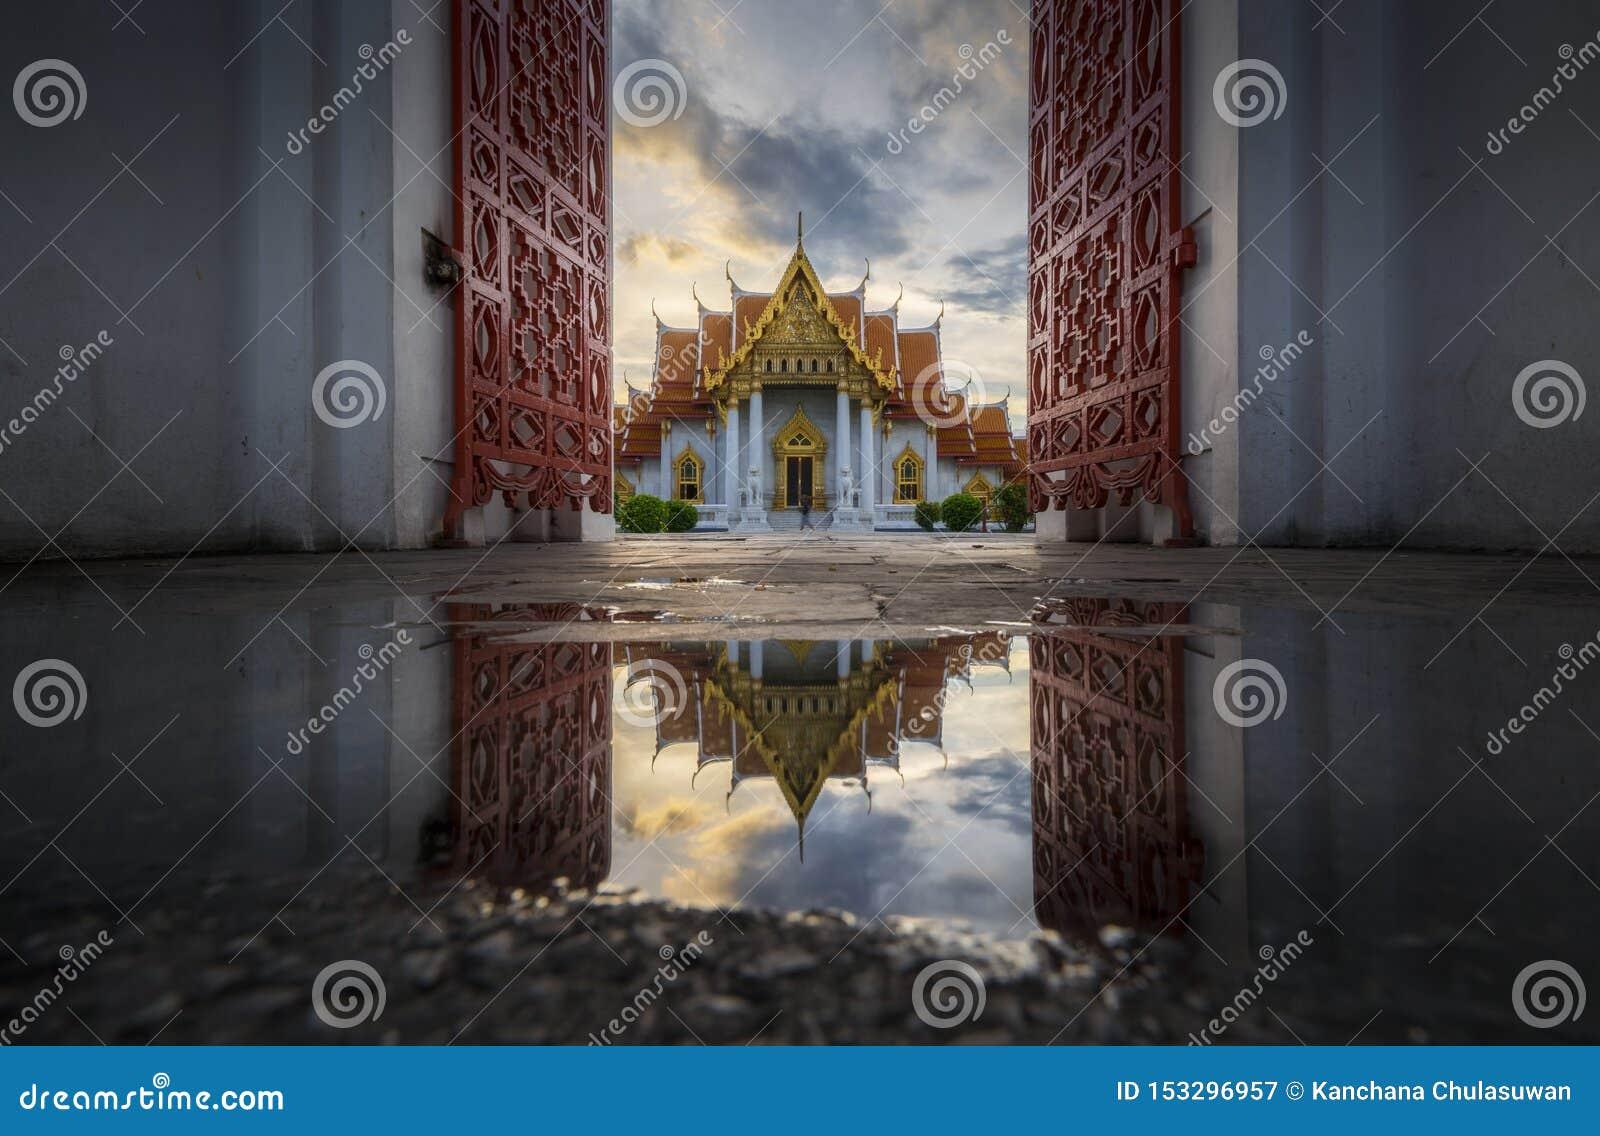 Belle architecture thaïlandaise de la porte de marbre de temple